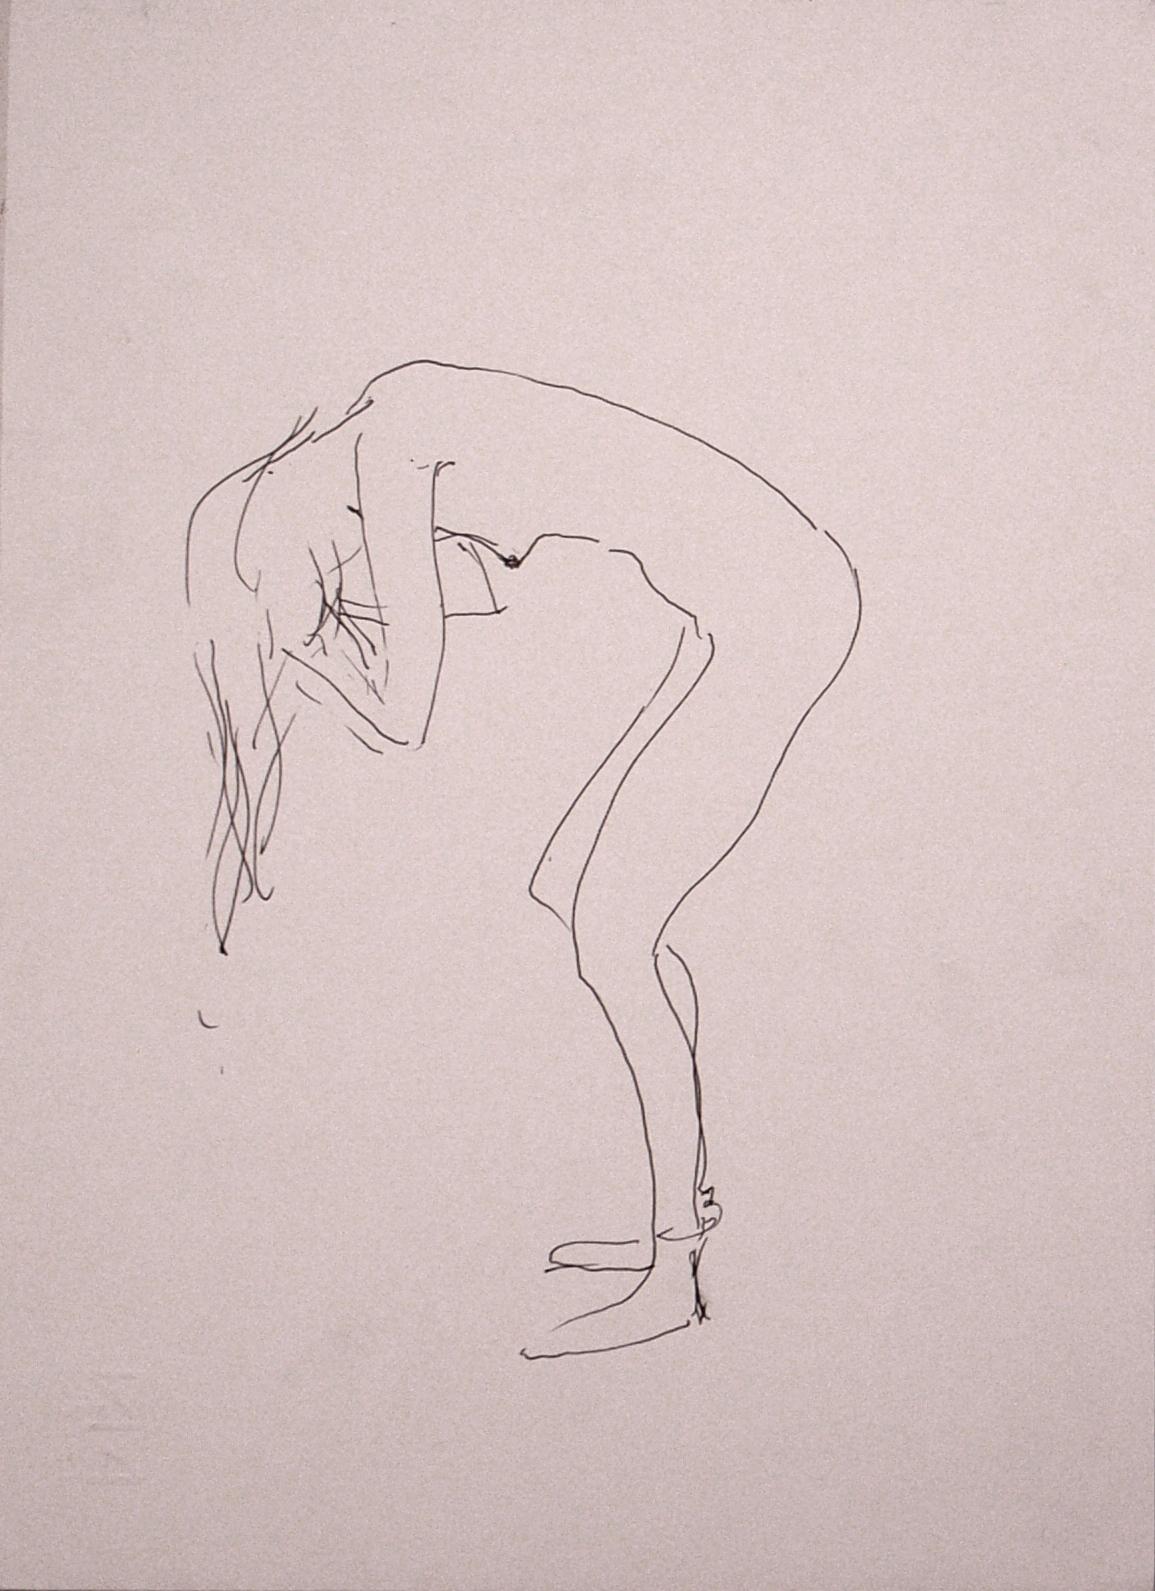 armando-prieto-perez-nudo-femminile-arte-erotica-disegno